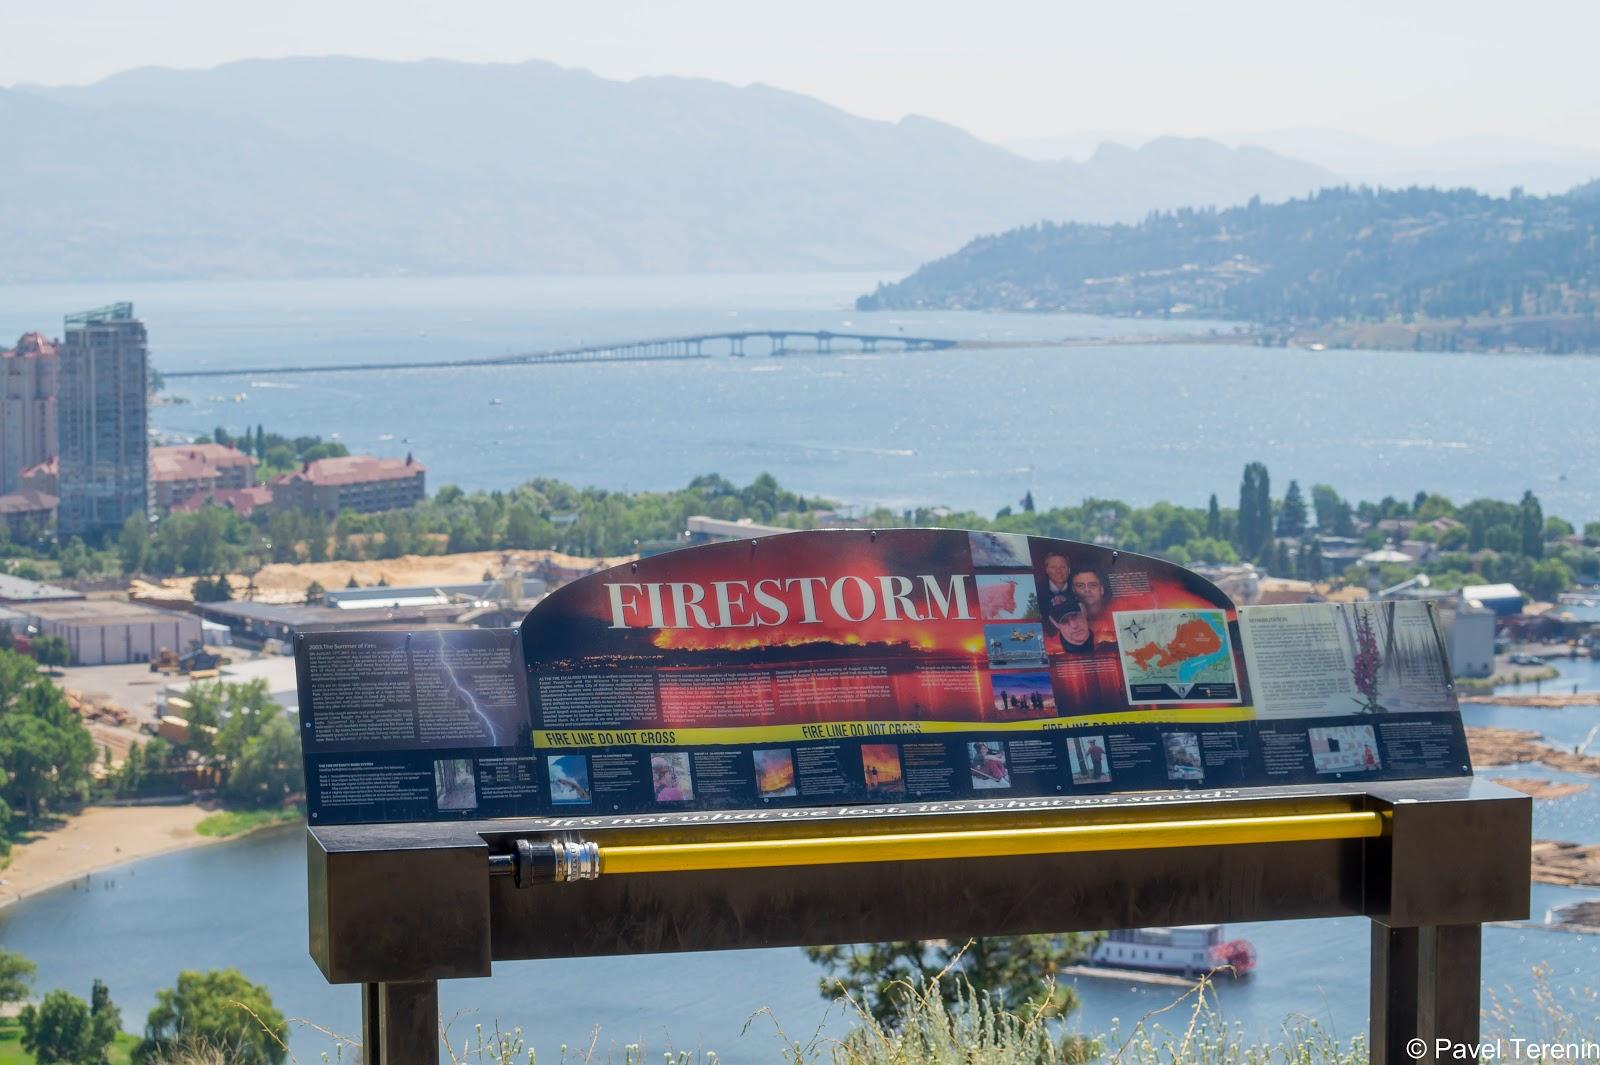 На обзорной площадке стоит стенд с информацией о пожаре 2003 года, во время которого было эвакуированно около 30 тысяч жителей.